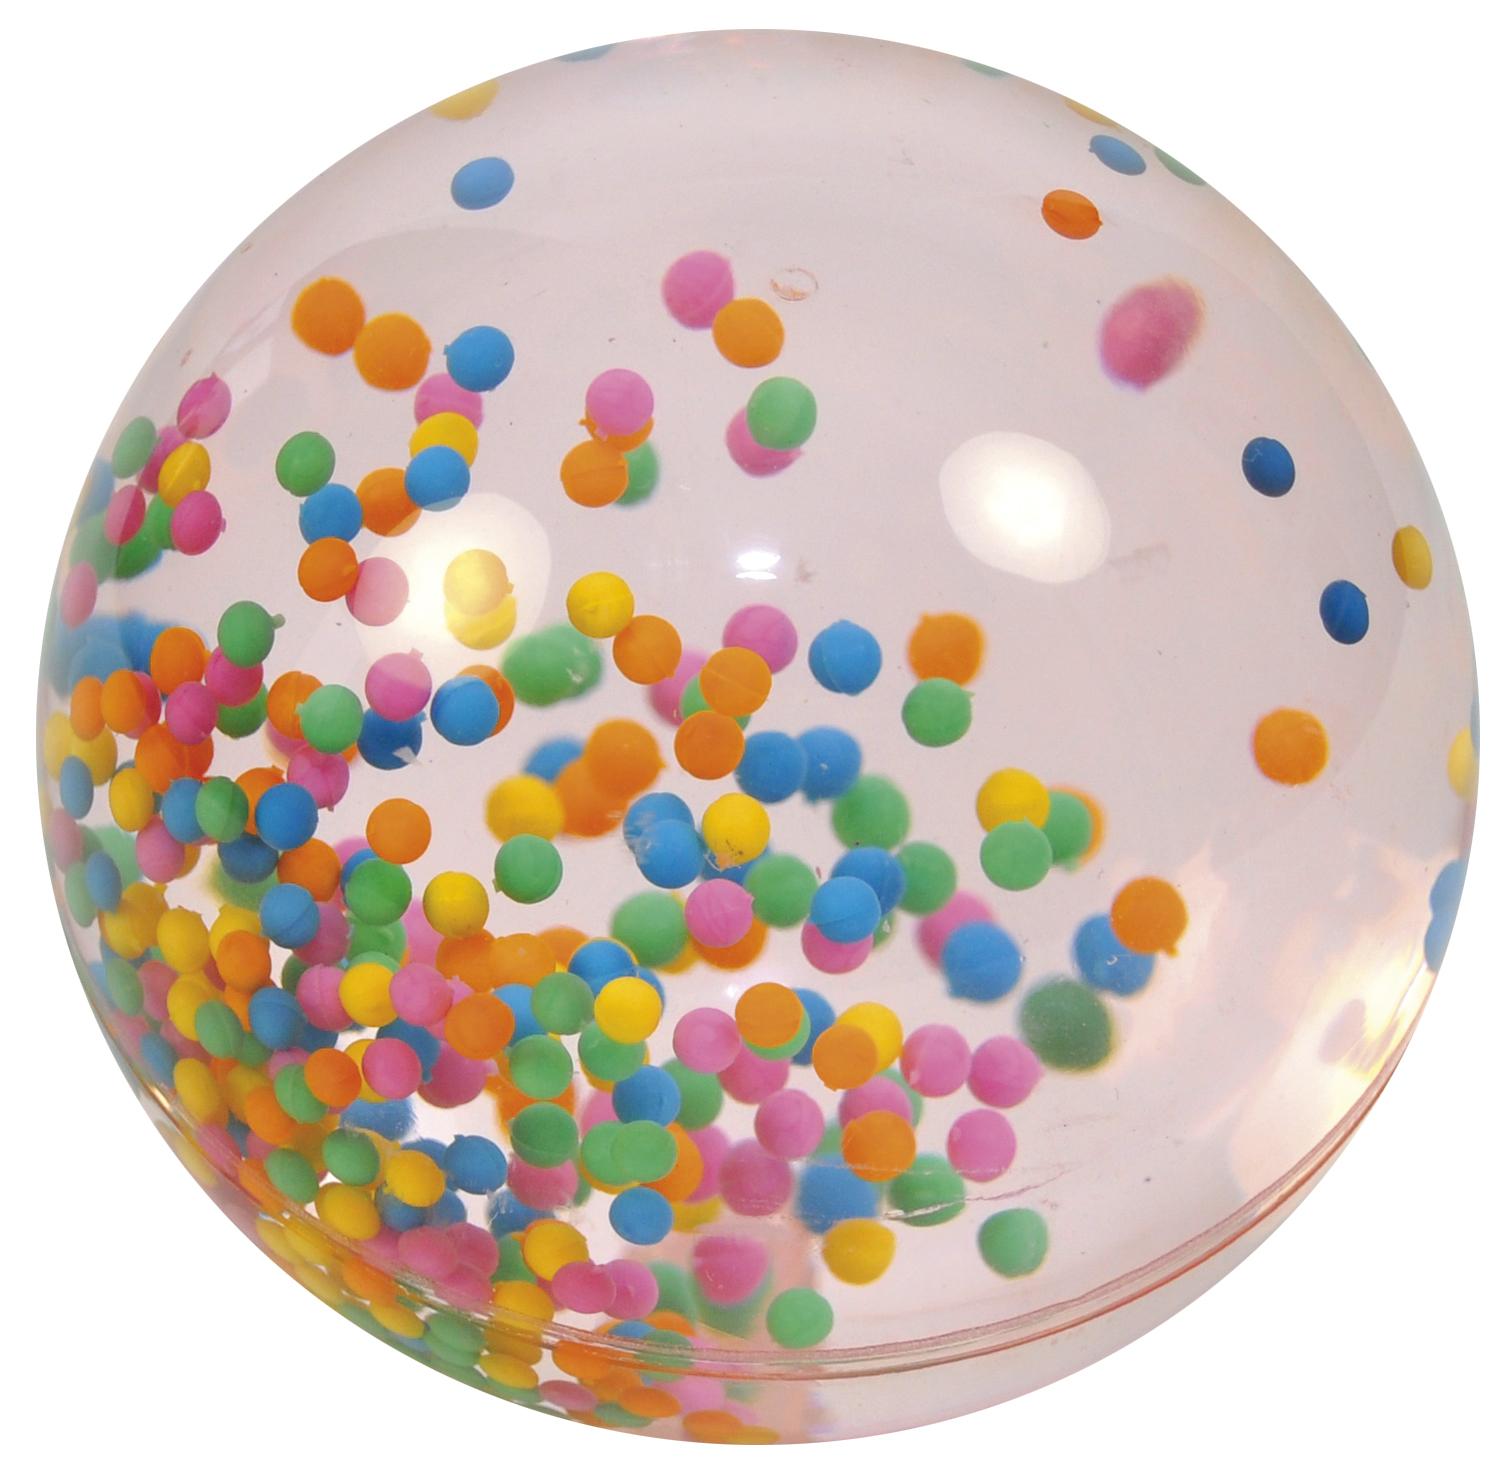 Riesenflummi Wasserball mit Kügelchen